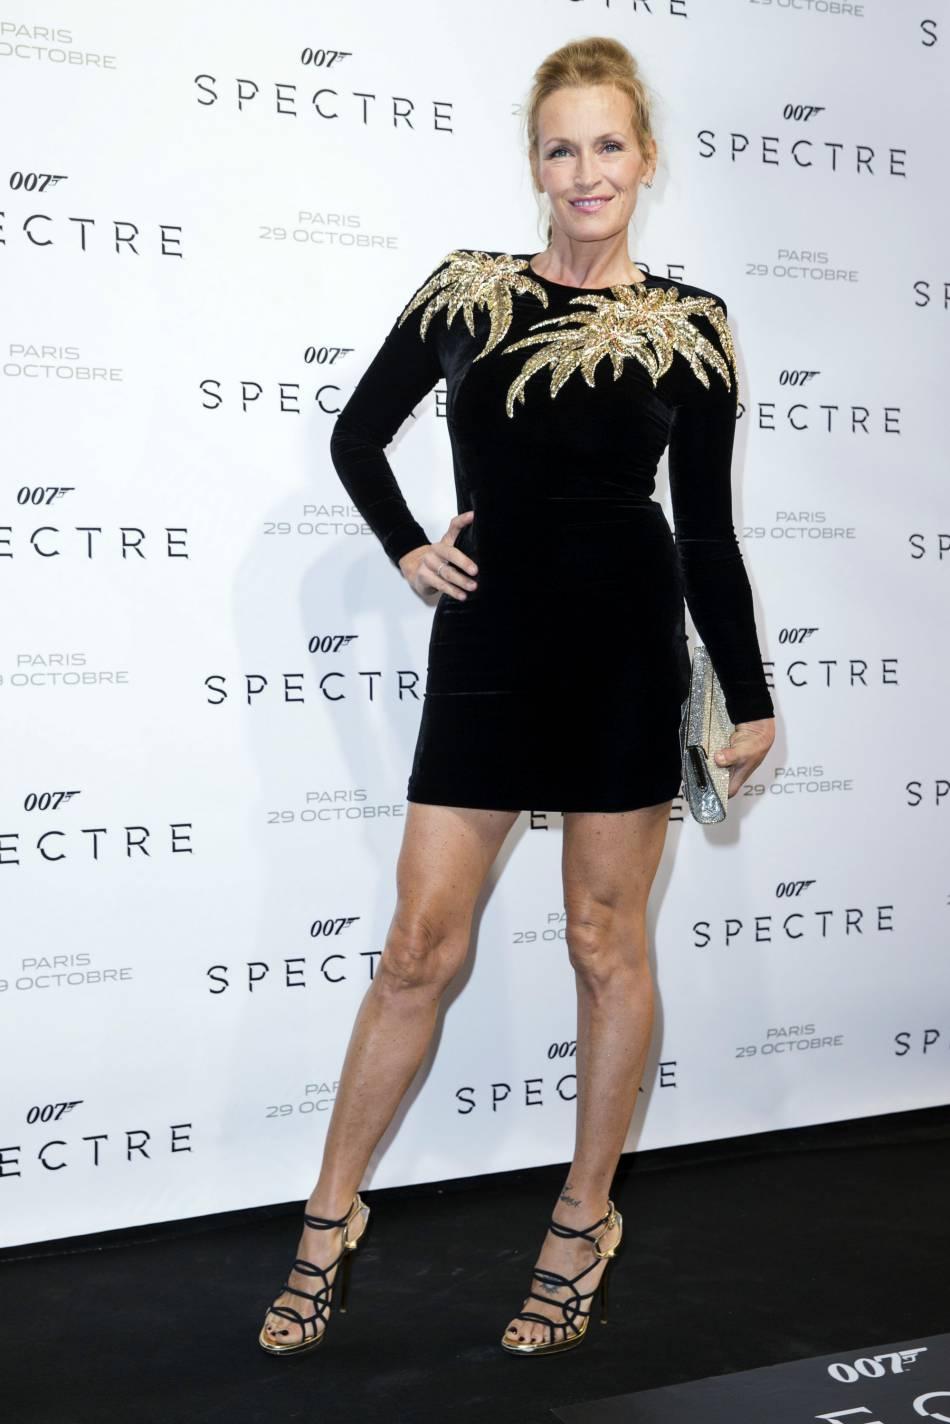 """Estelle Lefébure canon dans sa petite robe noire à la première de """"Spectre"""" à Paris le 29 octobre 2015."""